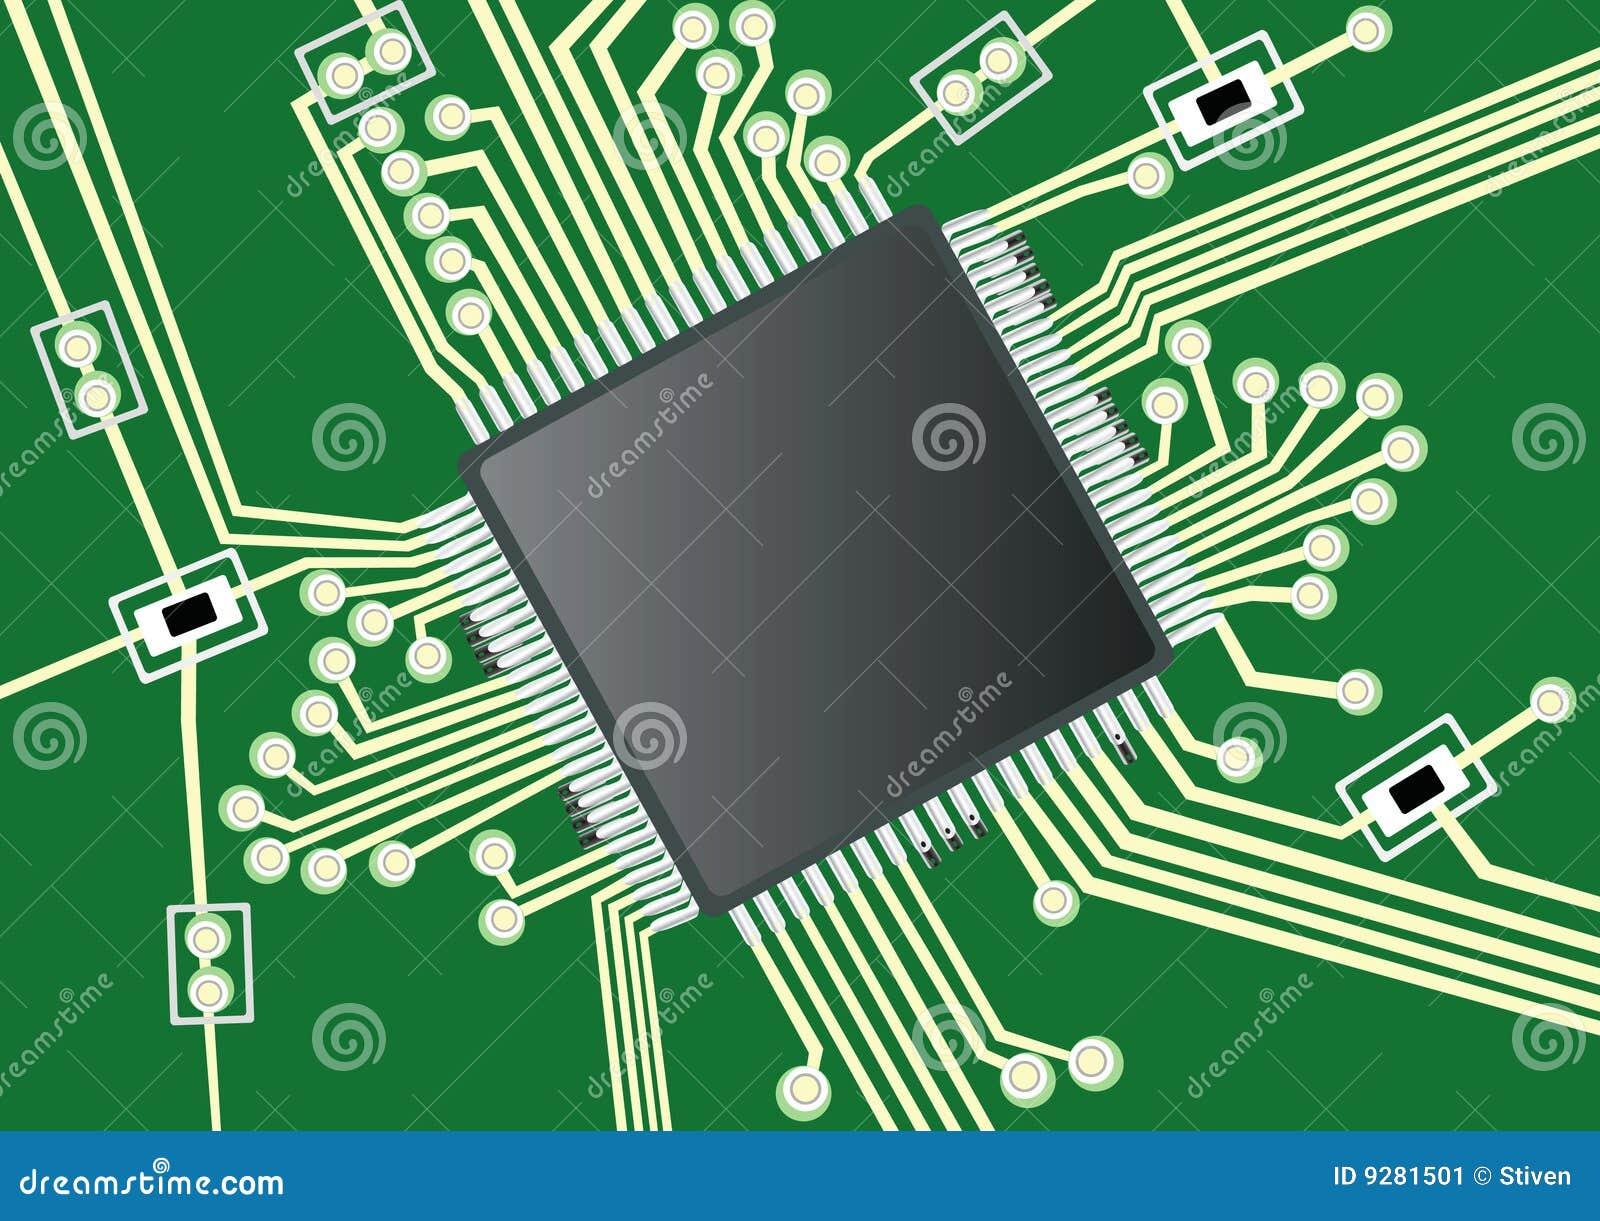 Circuito Impreso : Tarjeta de circuitos impresos imagen archivo